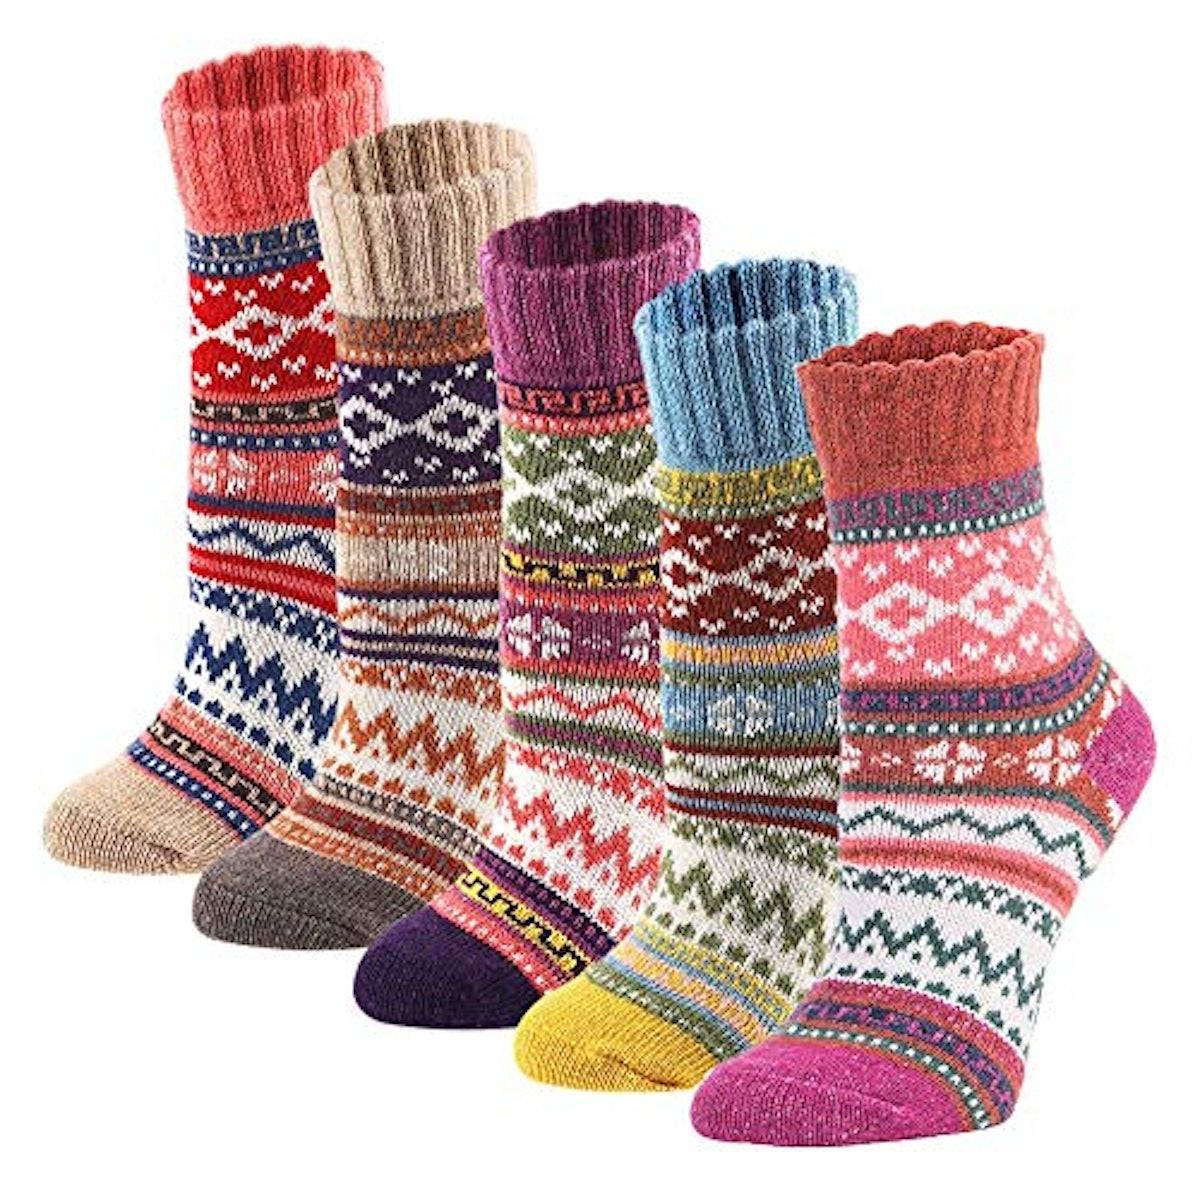 YZKKE Vintage Style Winter Socks (5-pack)